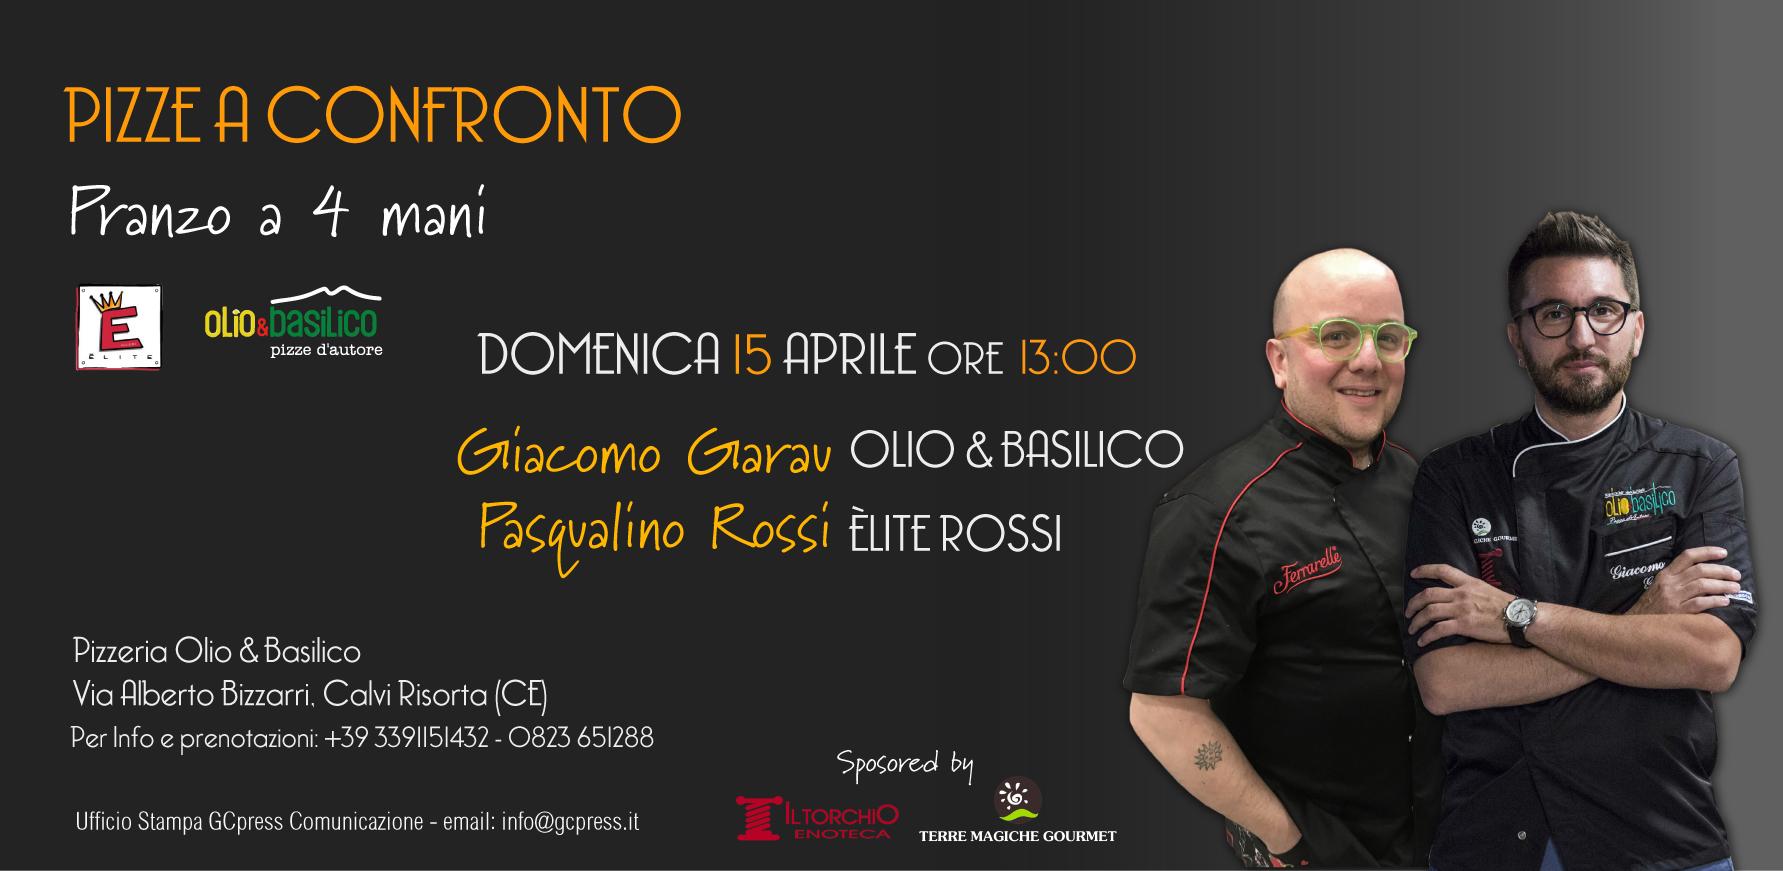 PIZZE A CONFRONTO è L'incontro Tra Due Grandi Maestri Della Pizza In Provincia Di Caserta